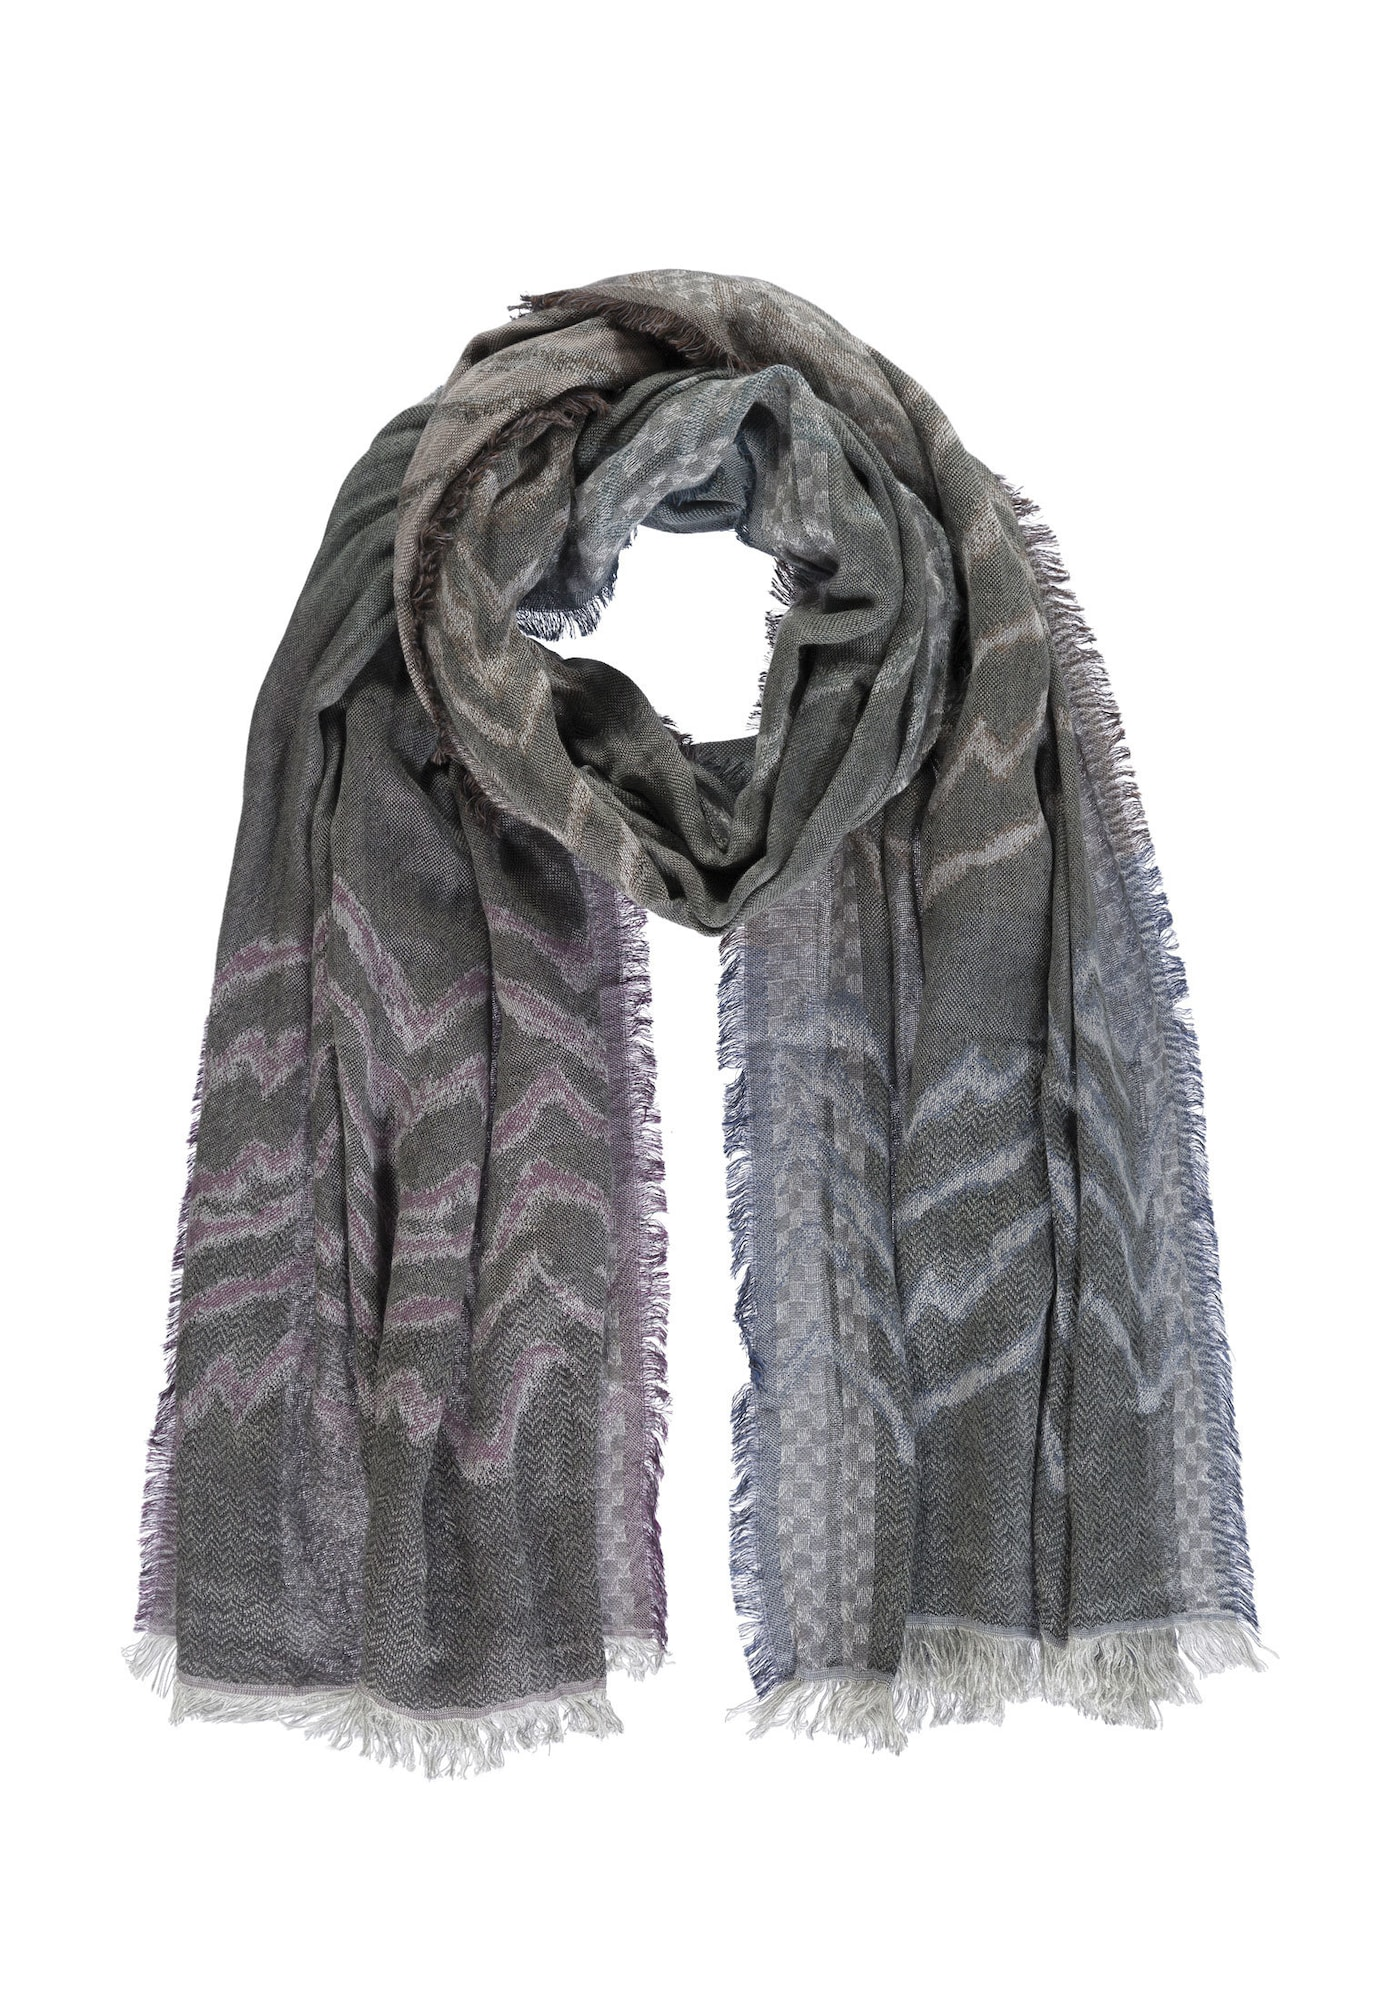 Schal | Accessoires > Schals & Tücher > Schals | Passigatti